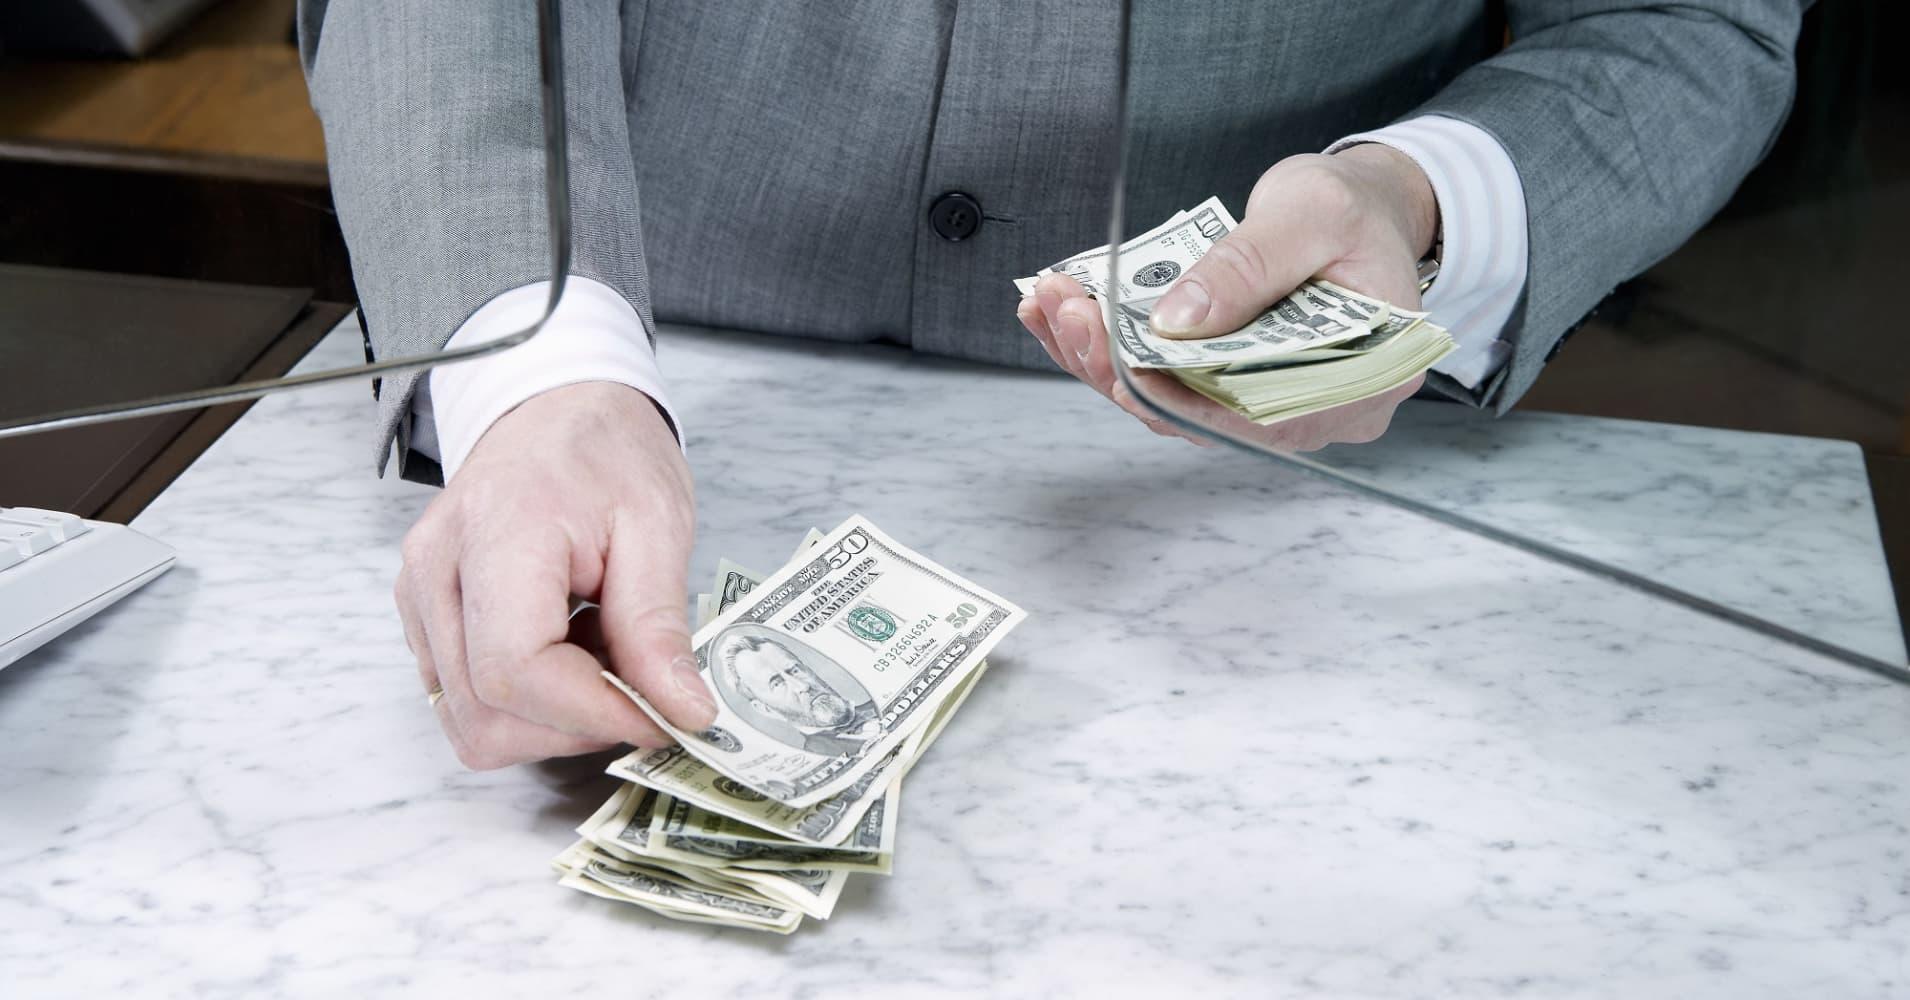 вопрос: помогу в тяжелой ситуации деньгами интересует продажа